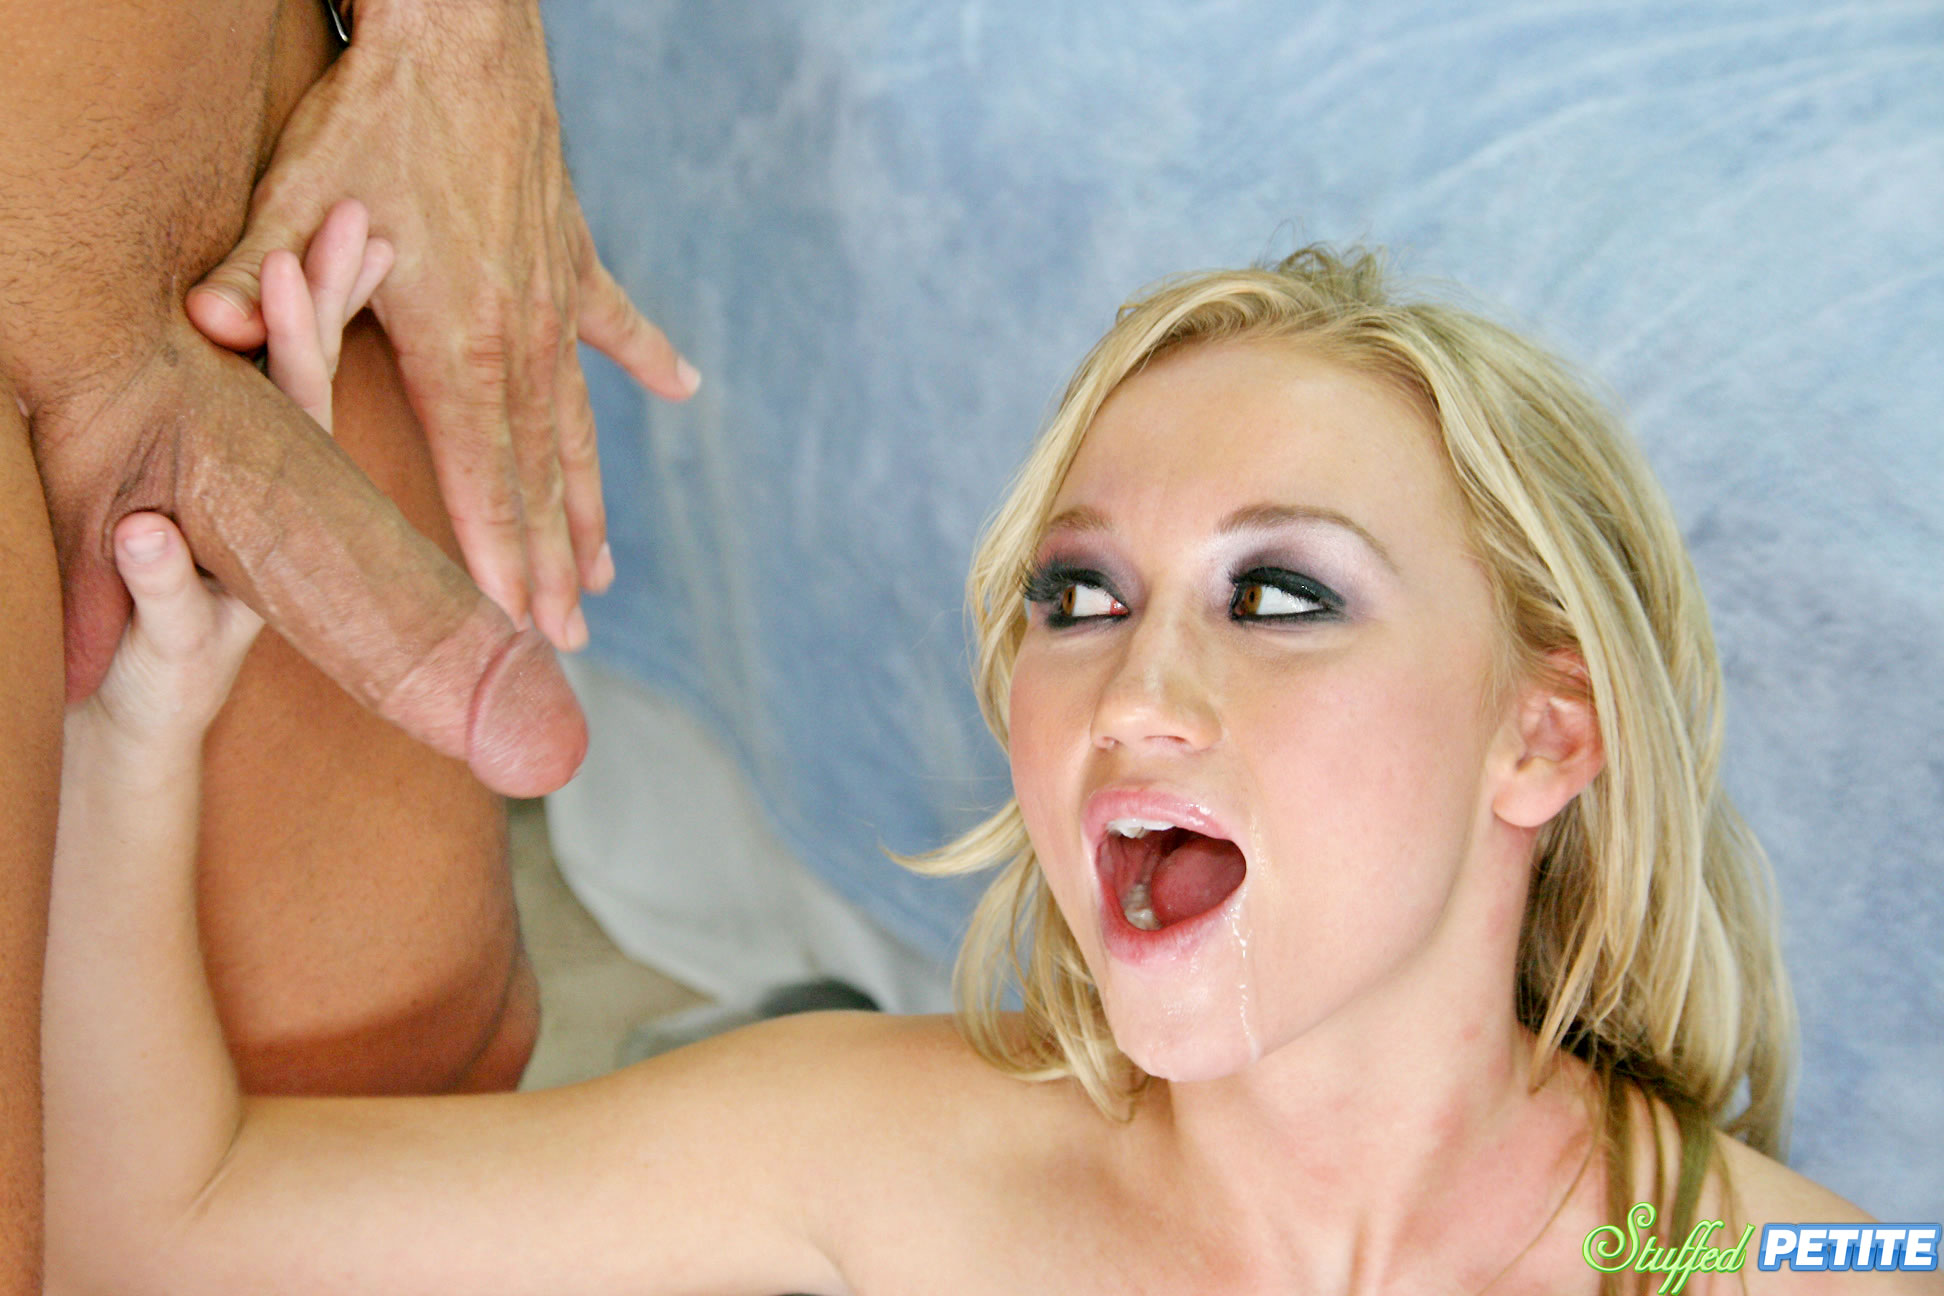 Порно видео мамки онлайн смотреть бесплатно в HD качестве ...